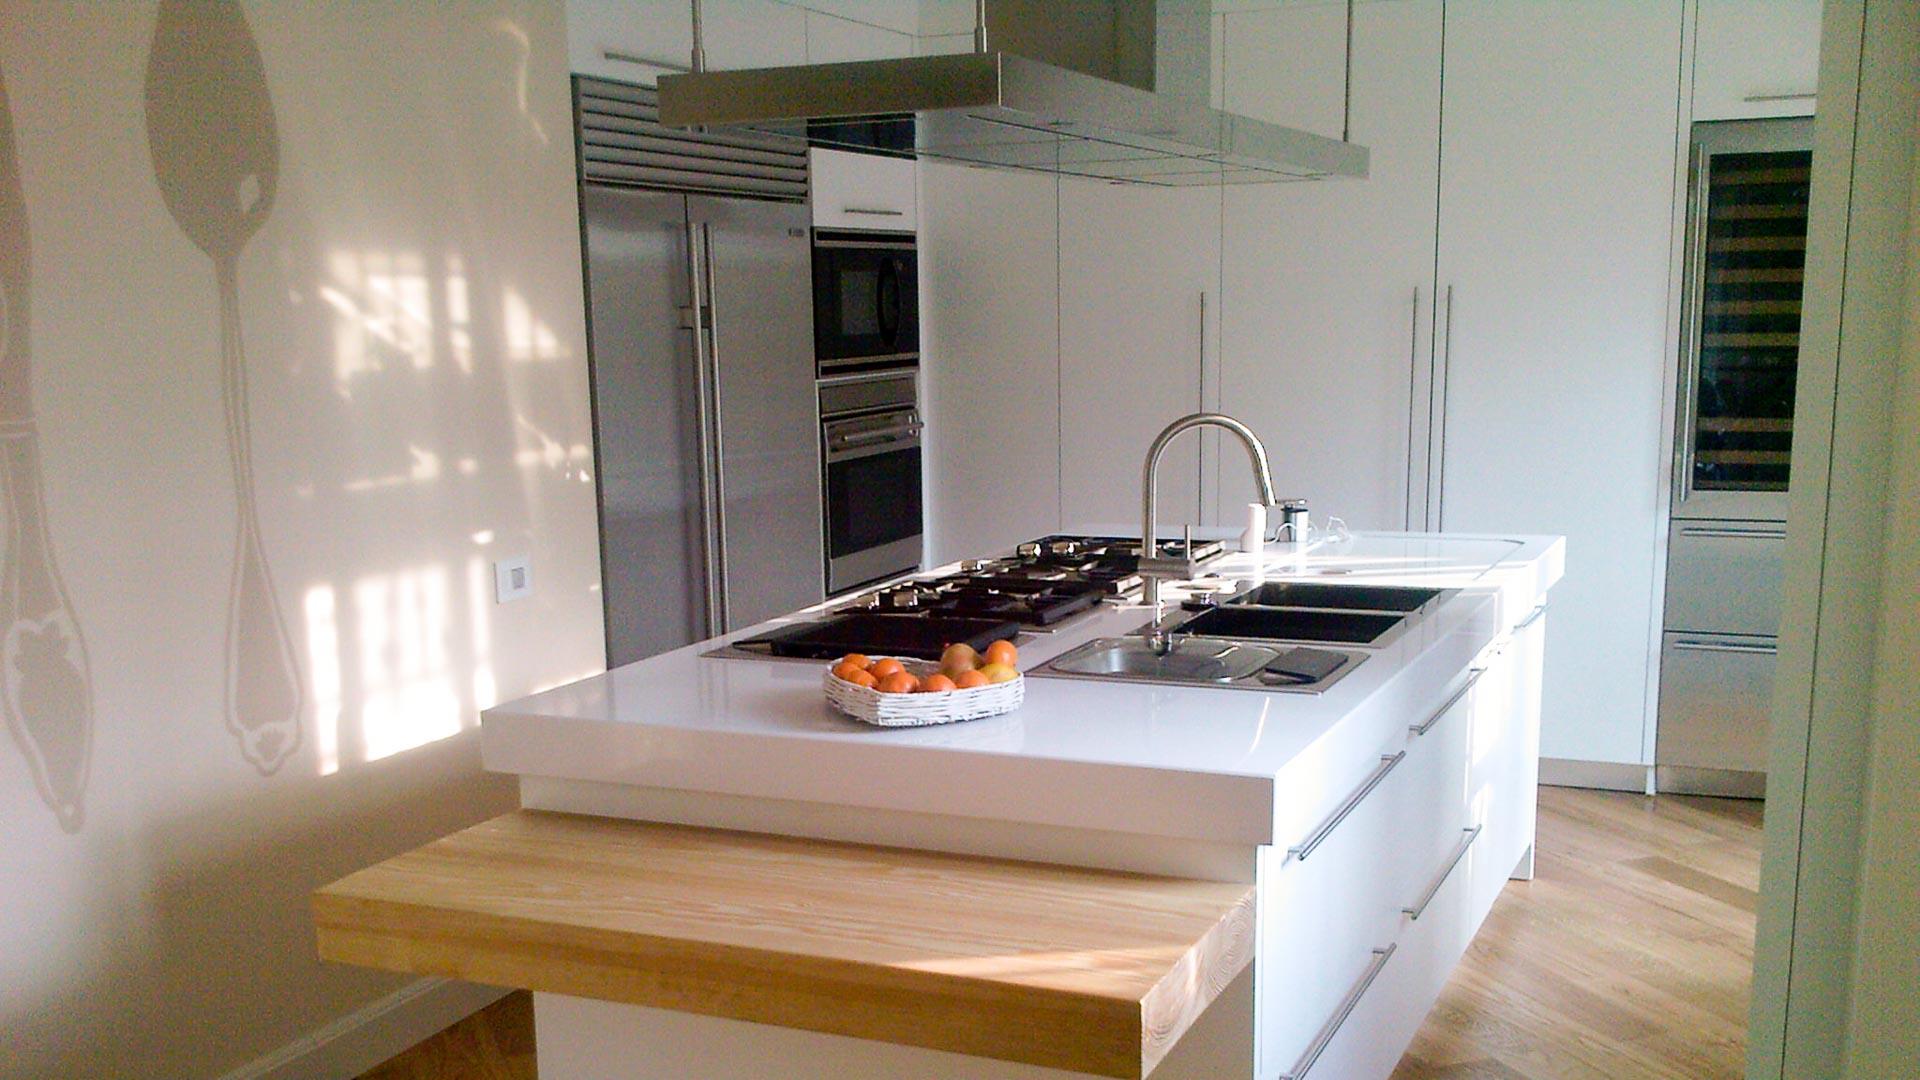 025 isola cucina bianca delta arredamenti su misura